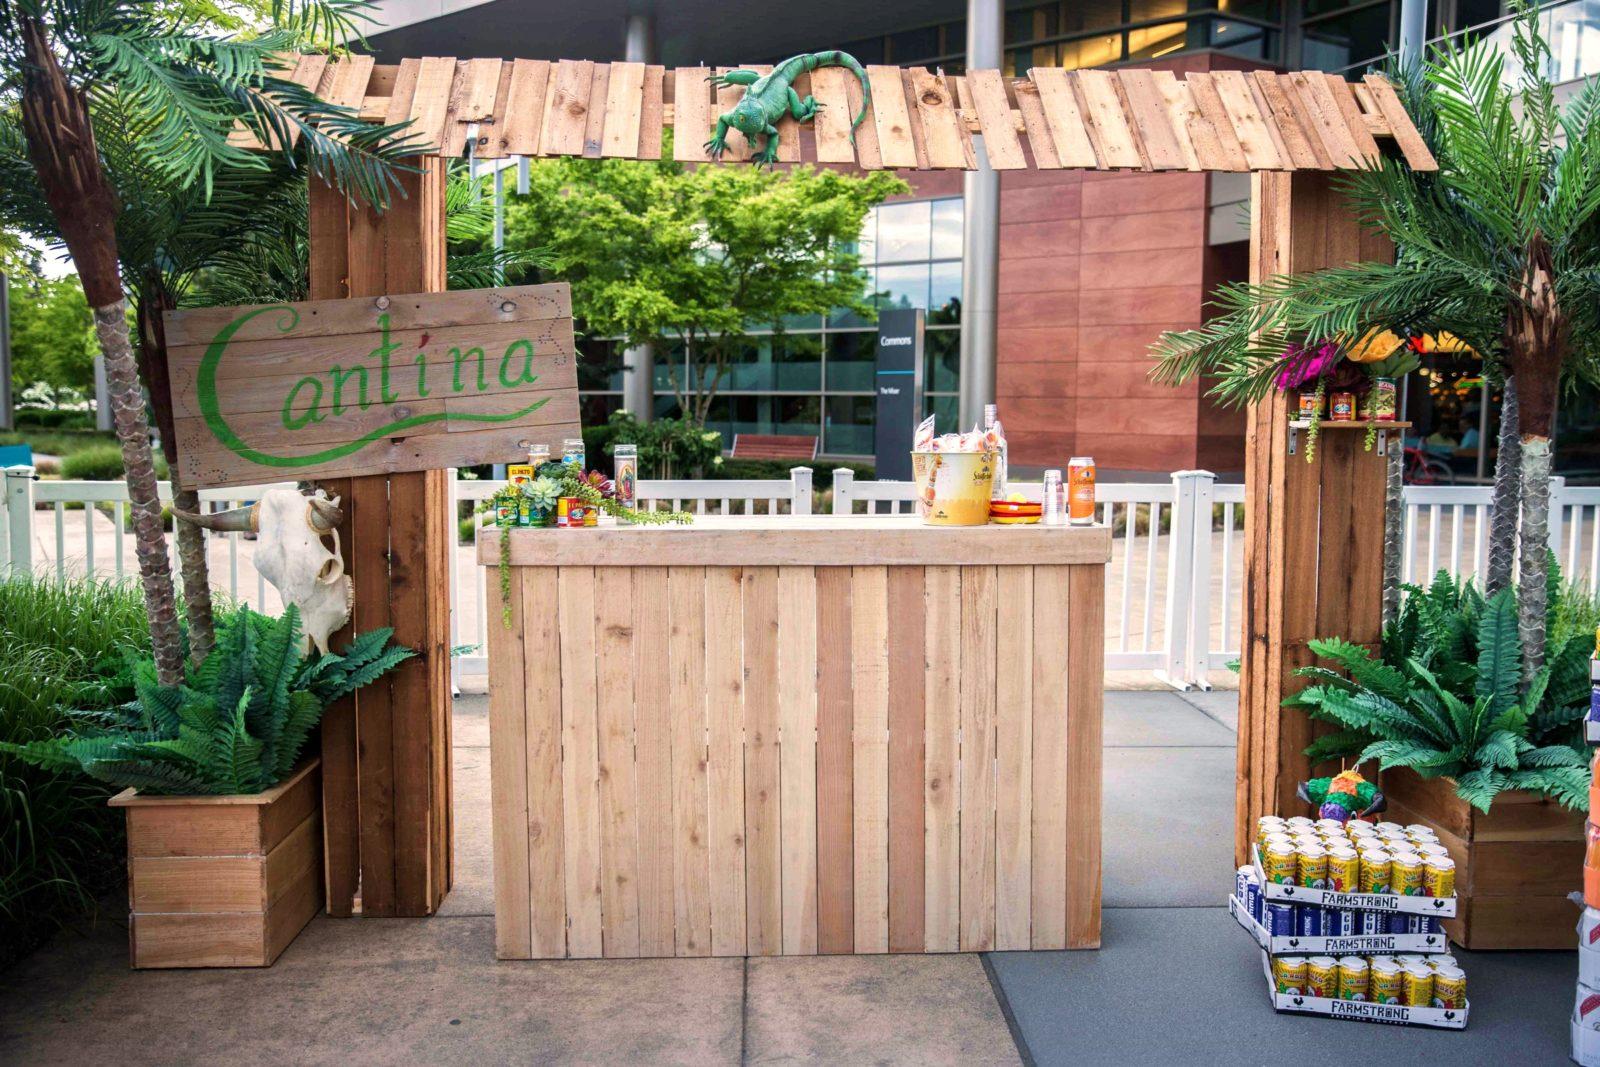 Beer Garden Catering Service